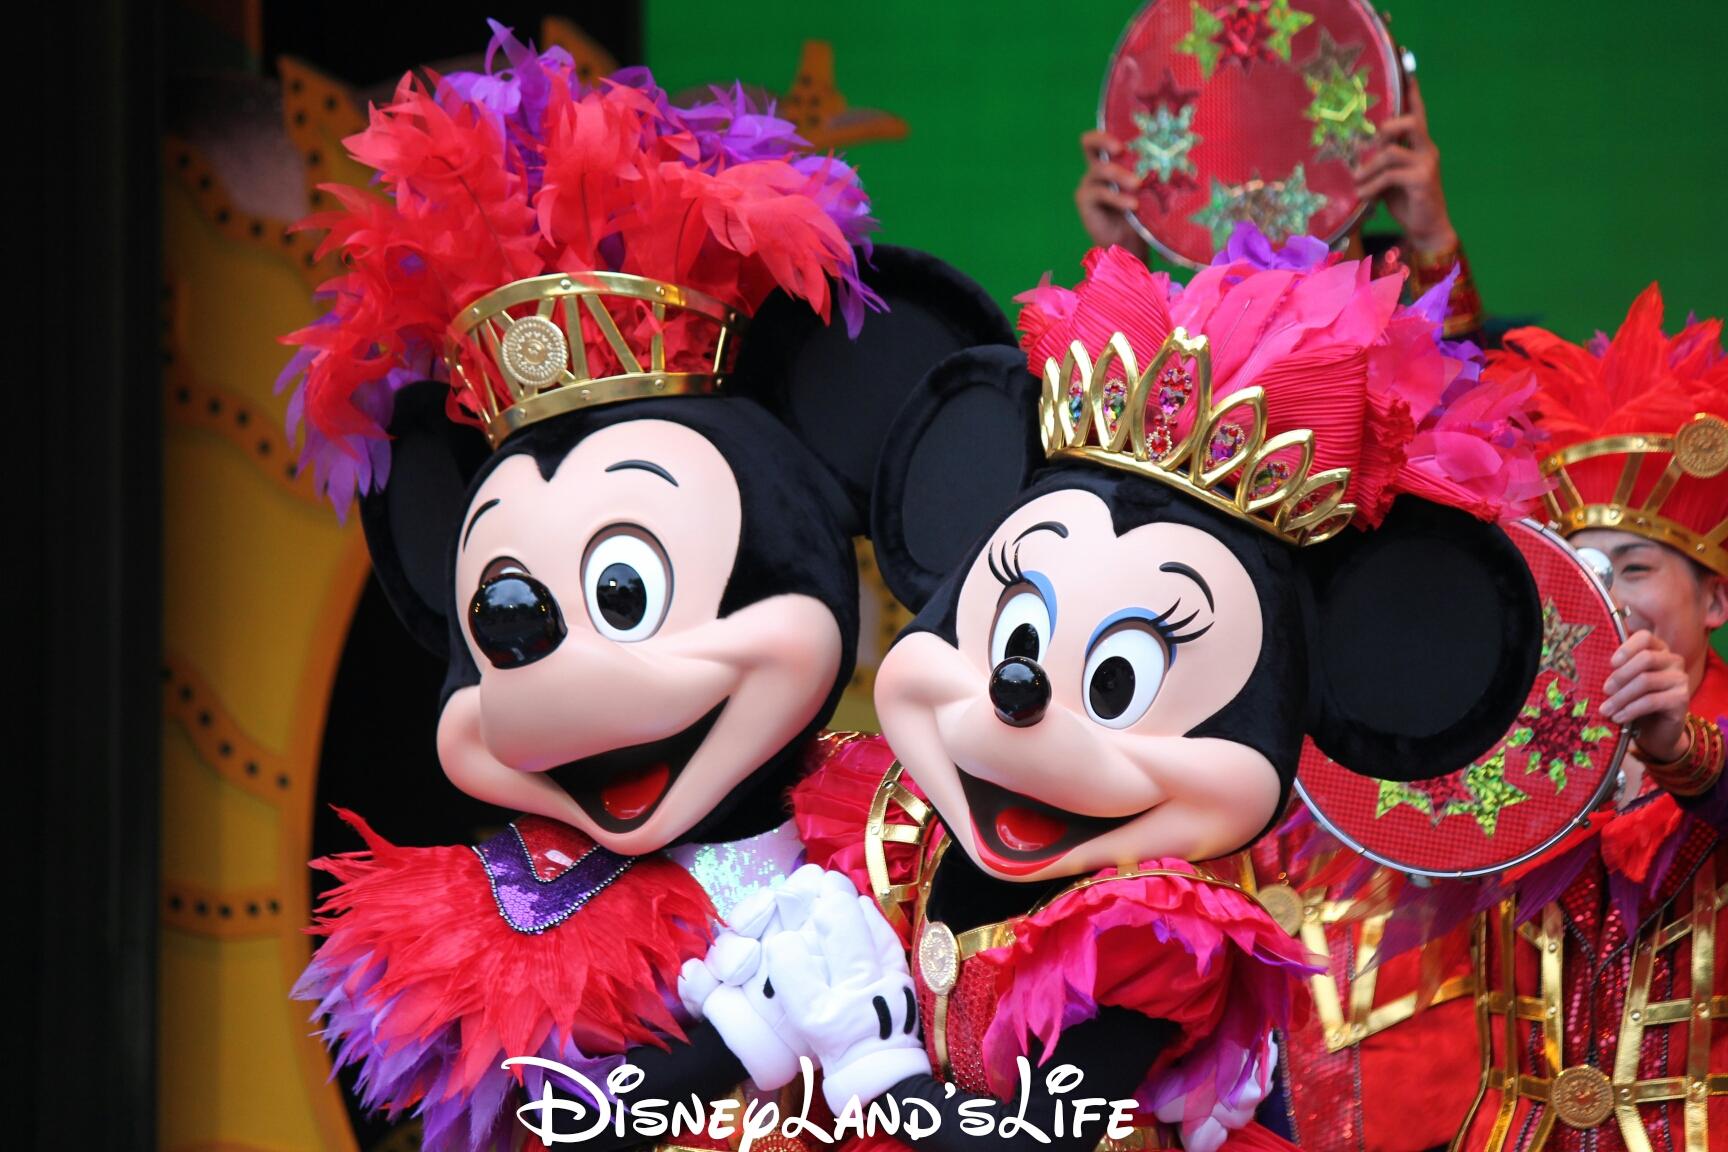 MinnieOh!Minnie_ミキミニ001.jpg